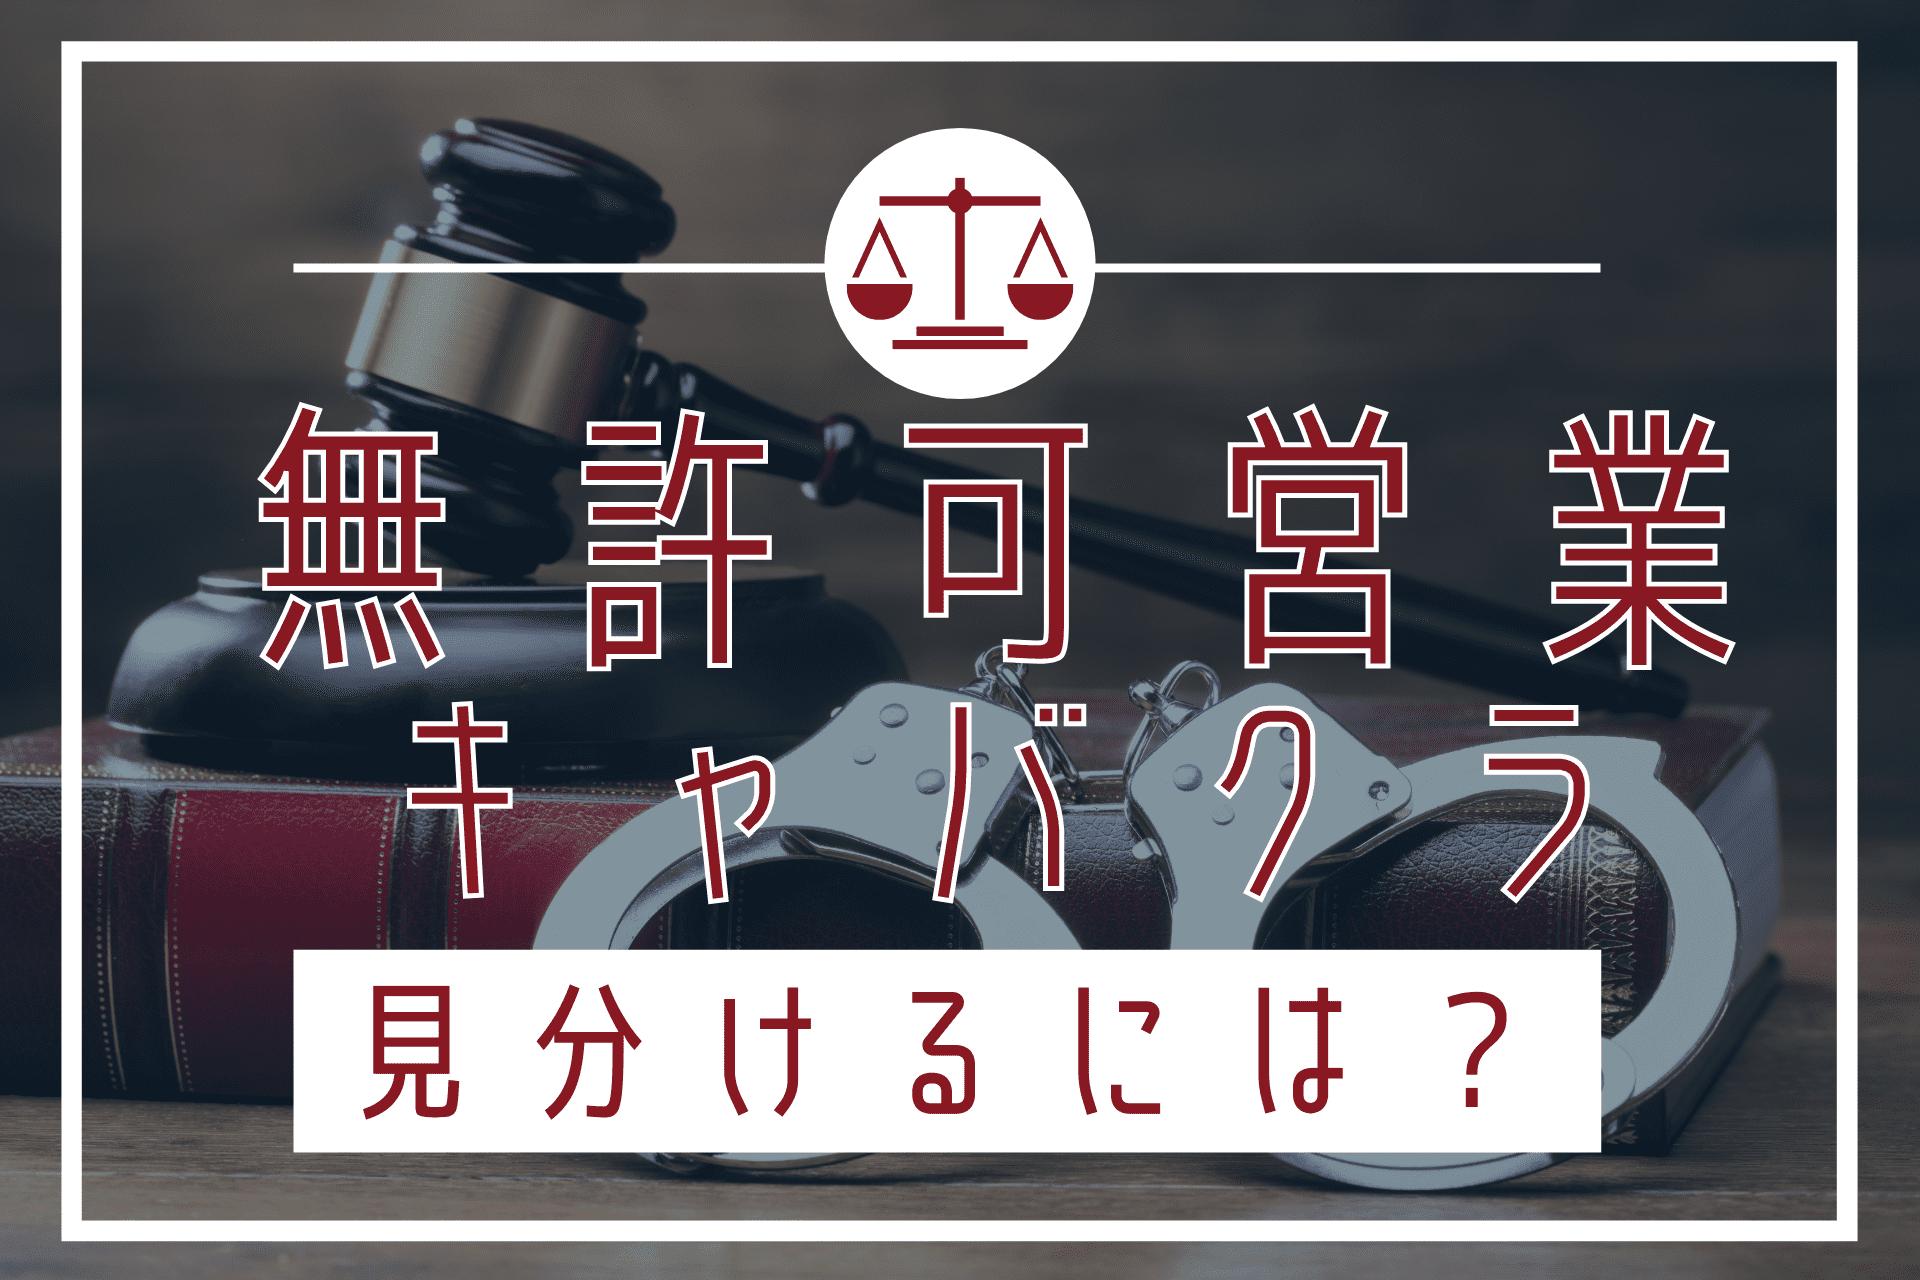 無許可営業・名義貸しで逮捕されるキャバクラ経営者…法的にアウトなお店とは?